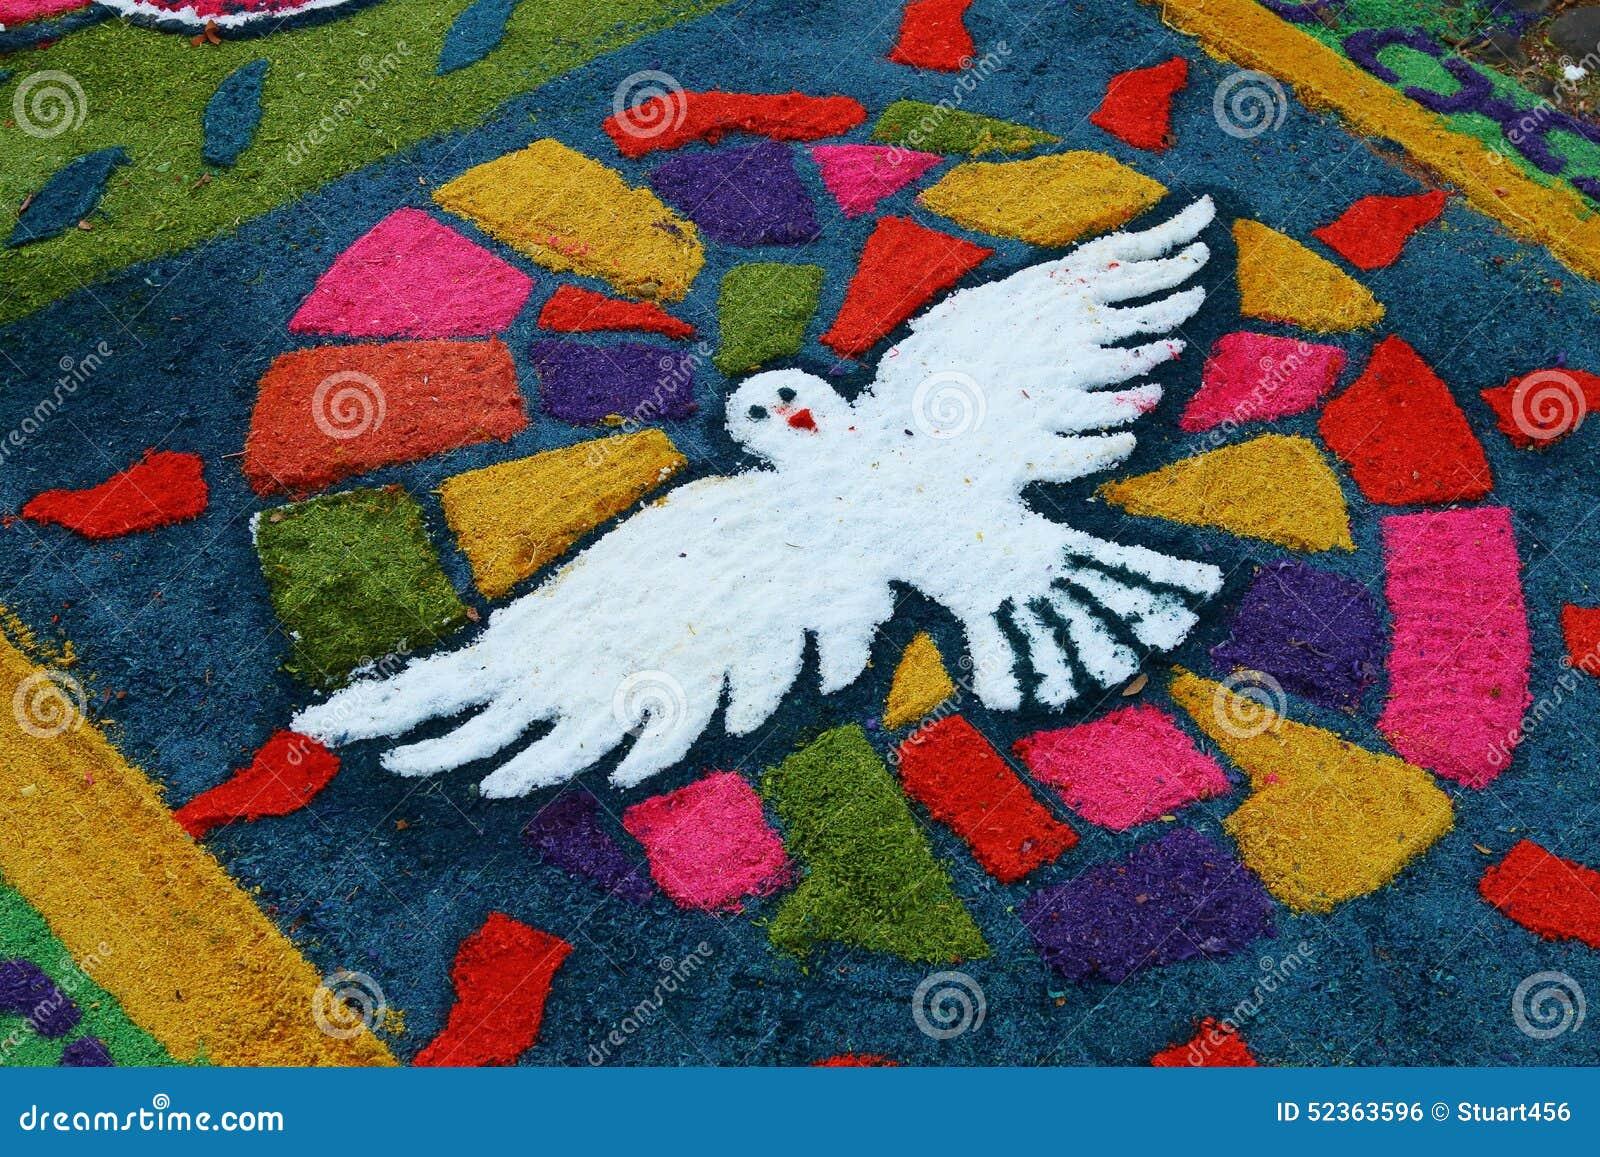 Alfombras para celebrar la semana santa el salvador foto for Dibujos para alfombras